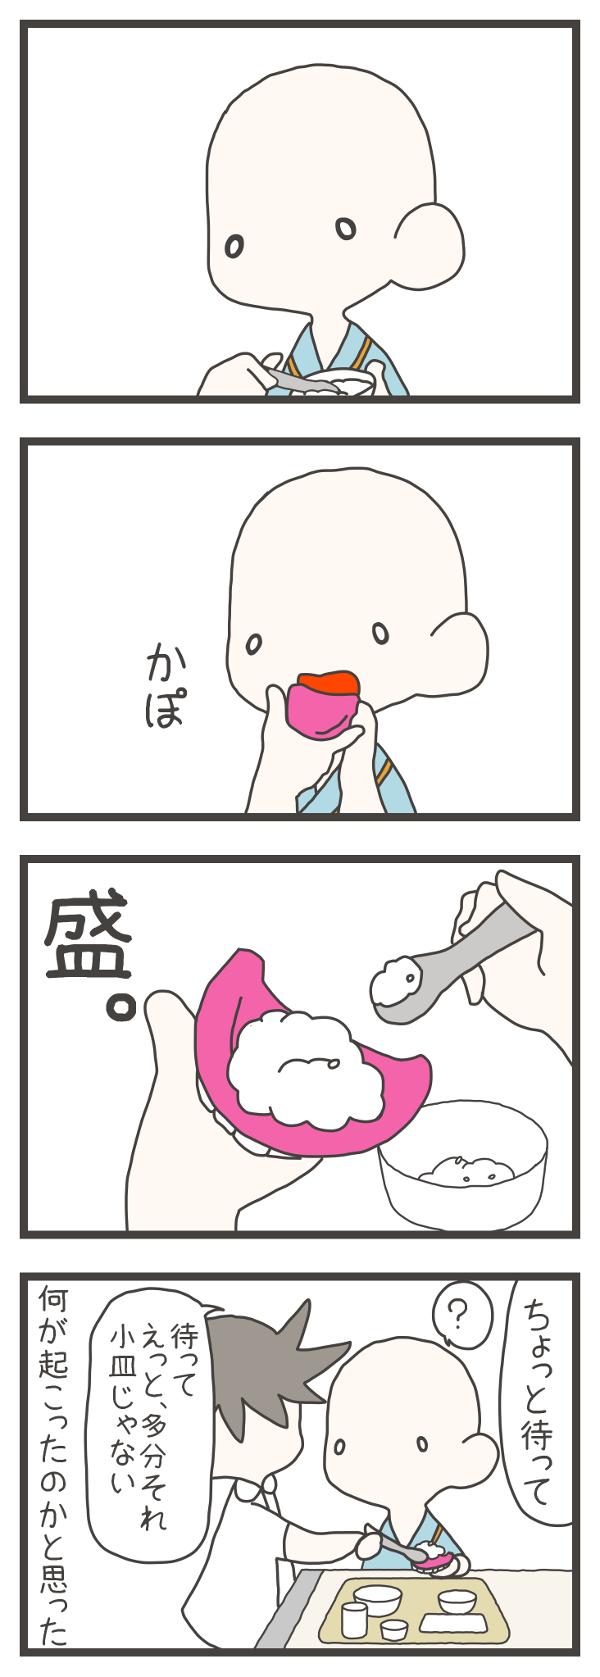 入れ歯の患者さんは、今食事をとっています。すると、突然入れ歯を外して、食事をのごはんを入れ歯に盛り始めました。「ちょっと待って。えっと、多分それ小皿じゃない。」と斬新な使い方に驚くナスさん。何が起こったかと思いました。